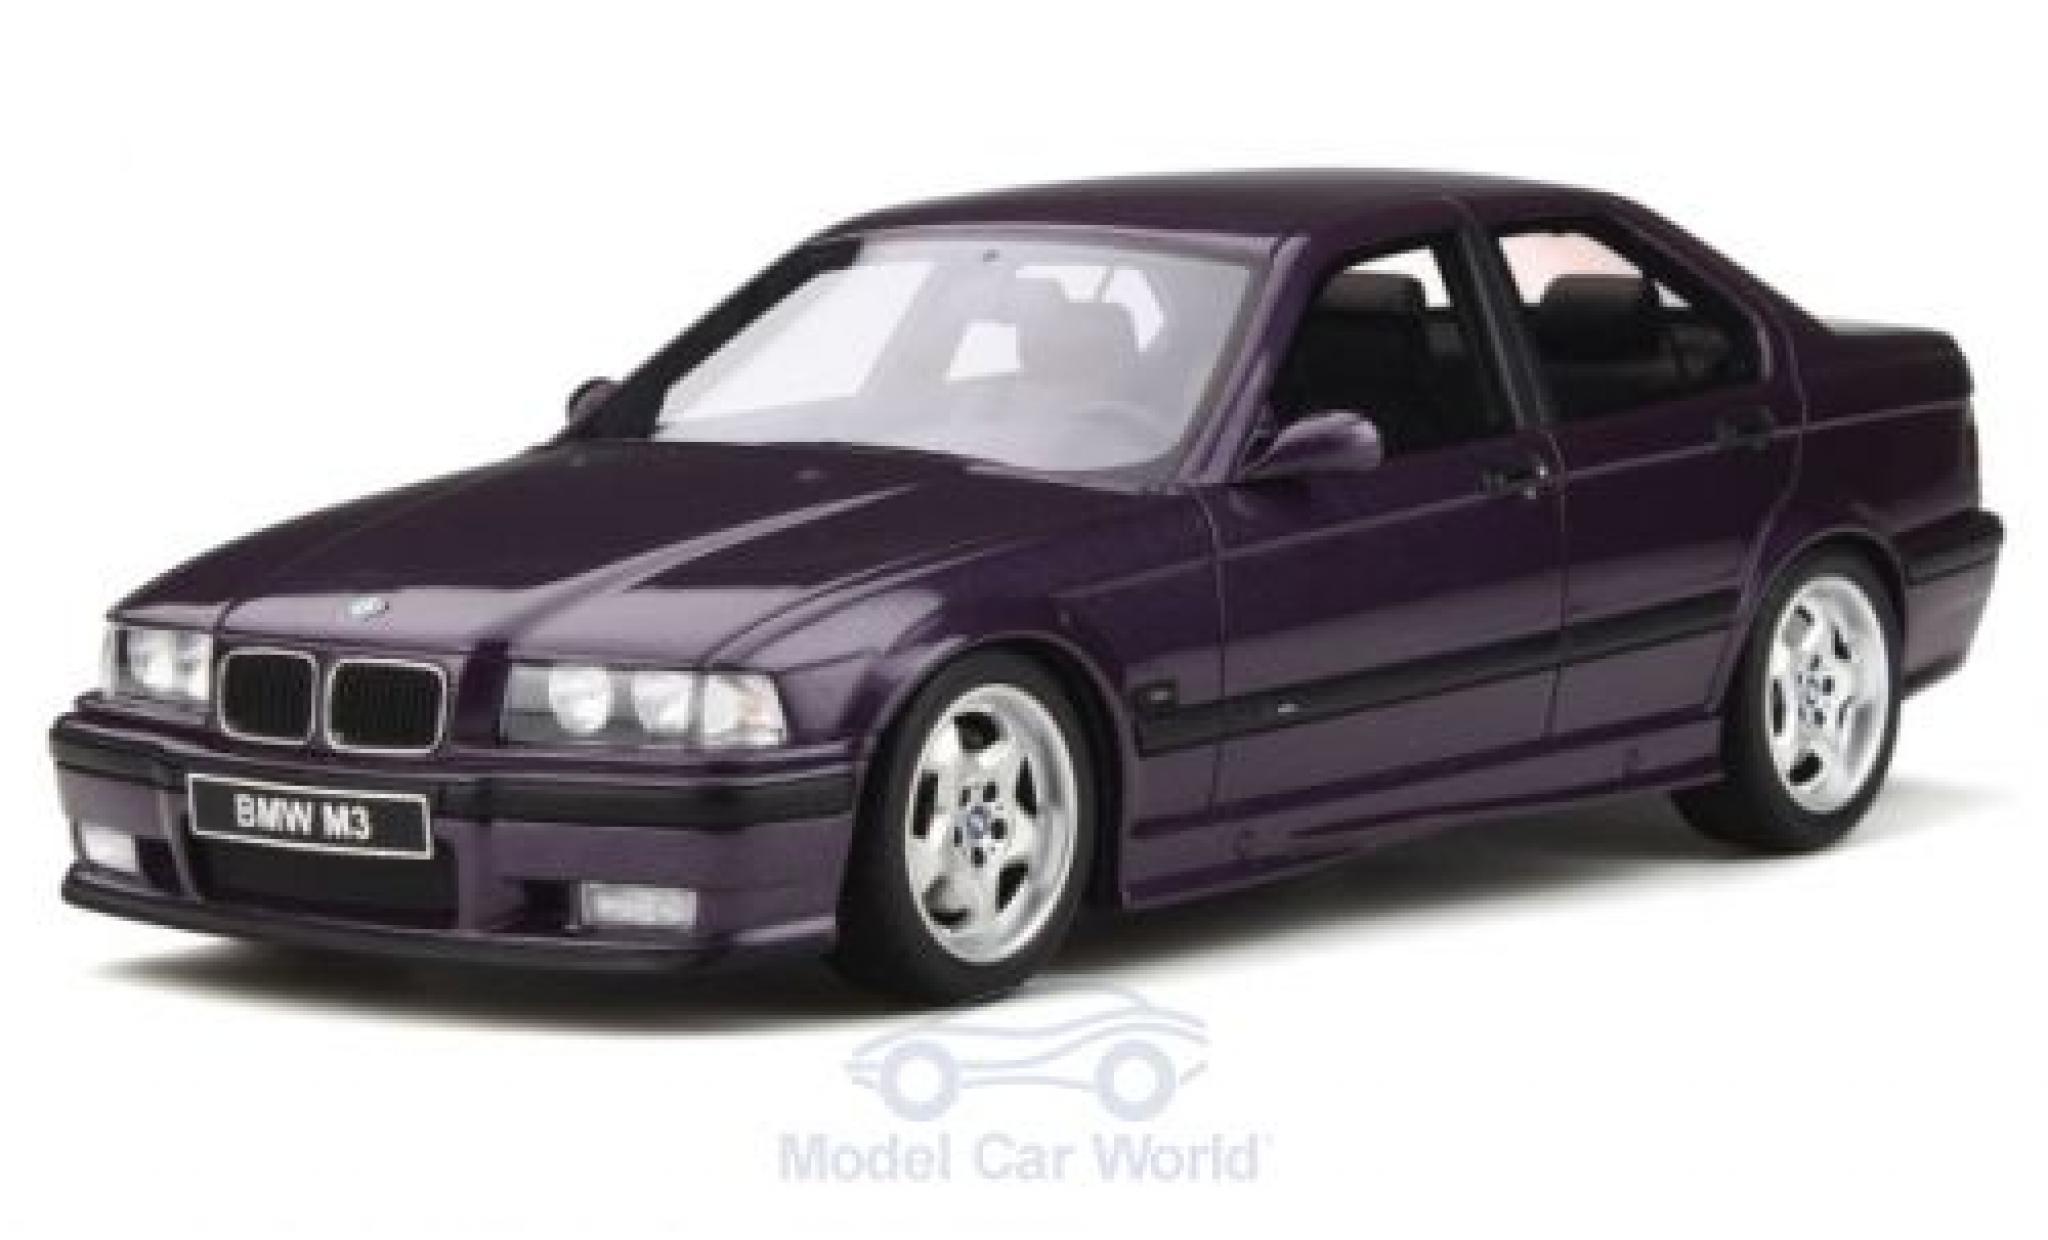 Bmw M3 1/18 Ottomobile (E36) métallisé violette